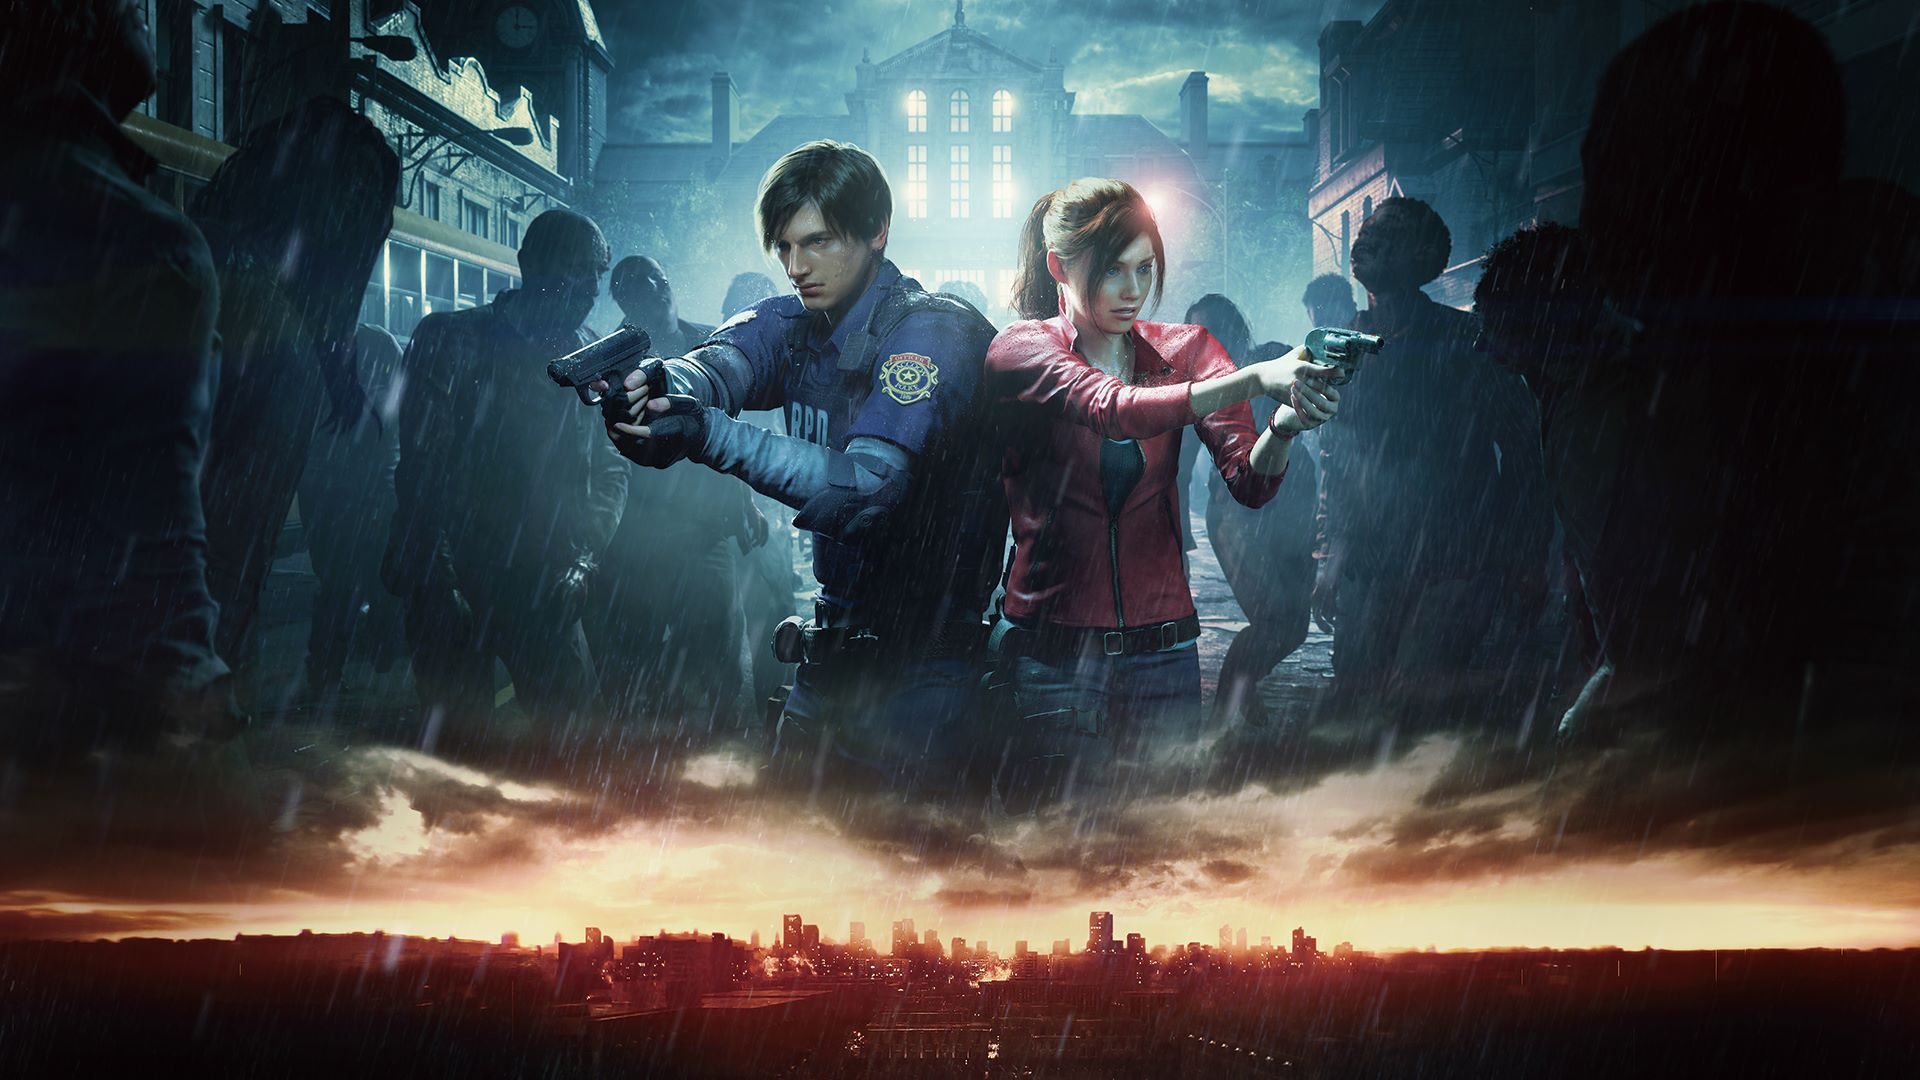 Rykte Helt nytt Resident Evil ryktas dyka upp nästa år Ska handla om stora förändringar